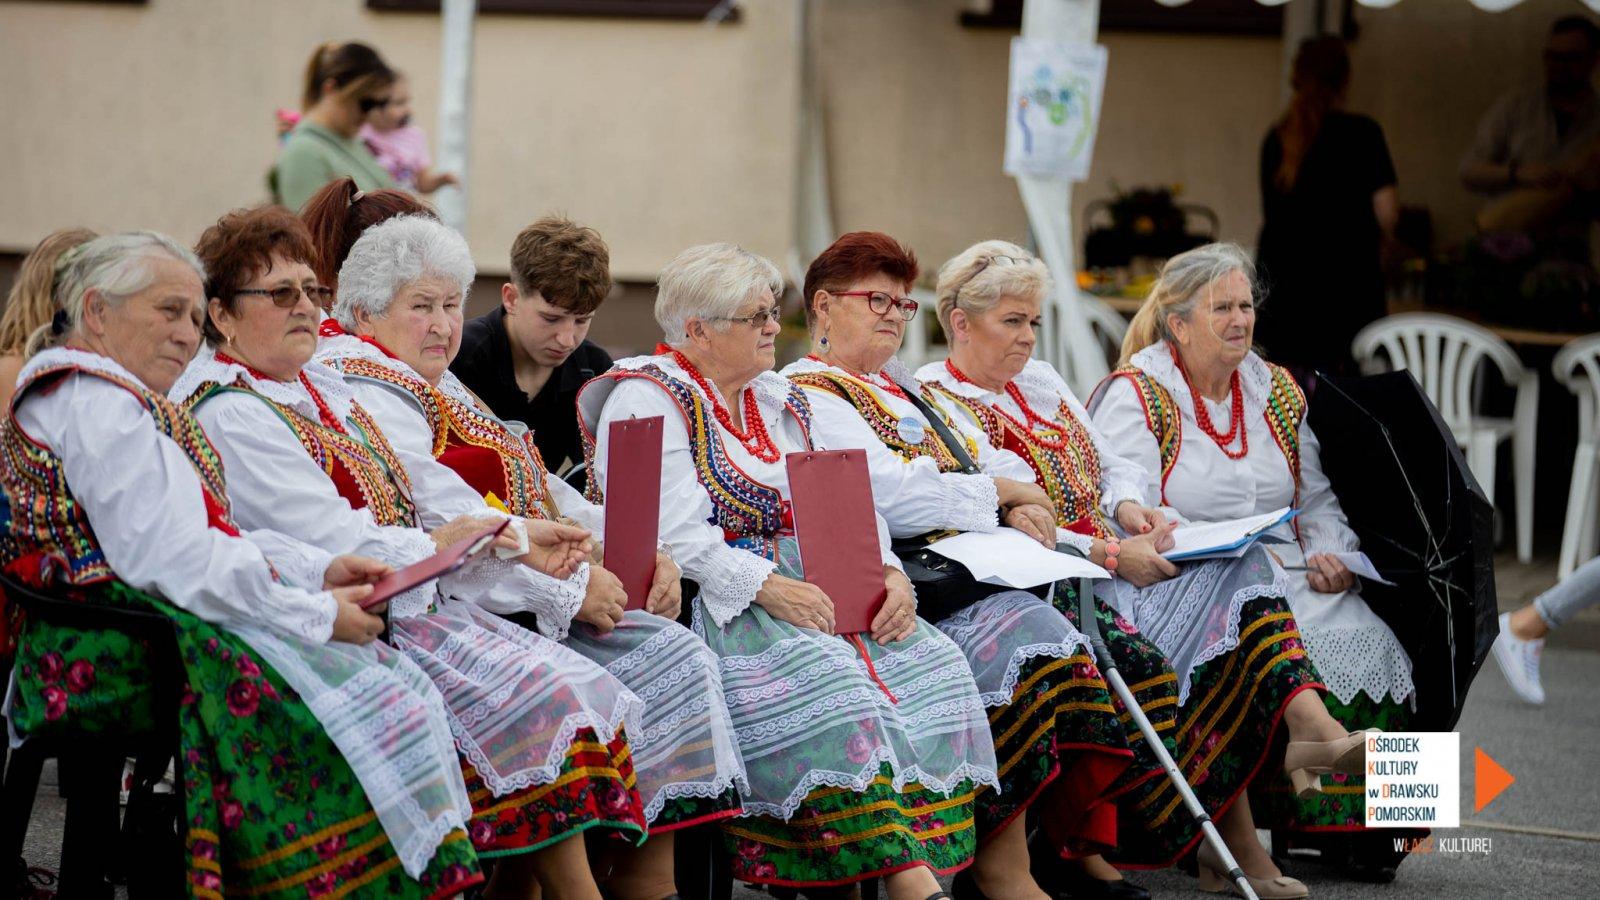 Promowali czytelnictwo. Festyn ludowy w Suliszewie